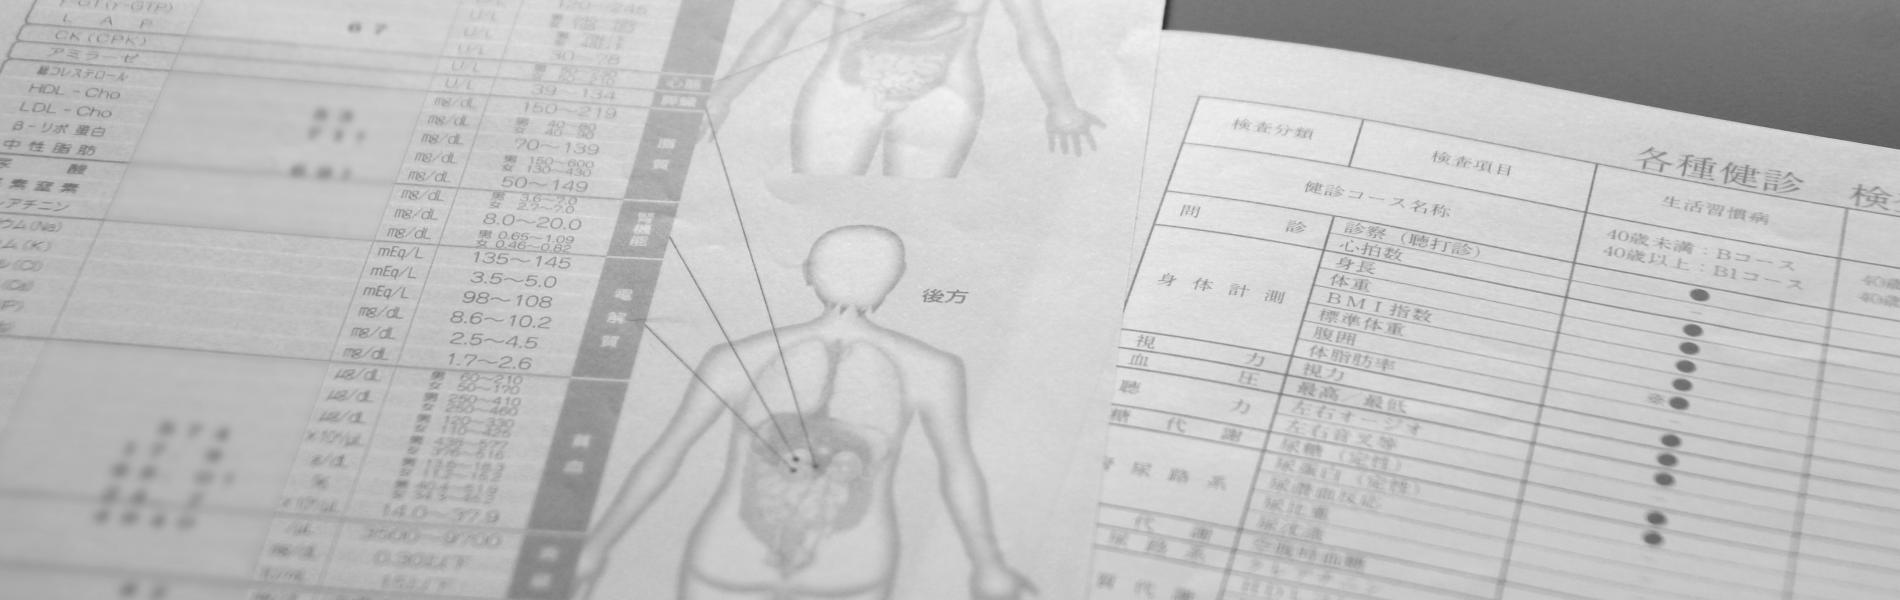 にしろくクリニック(蒲田医師会立西六郷診療所)